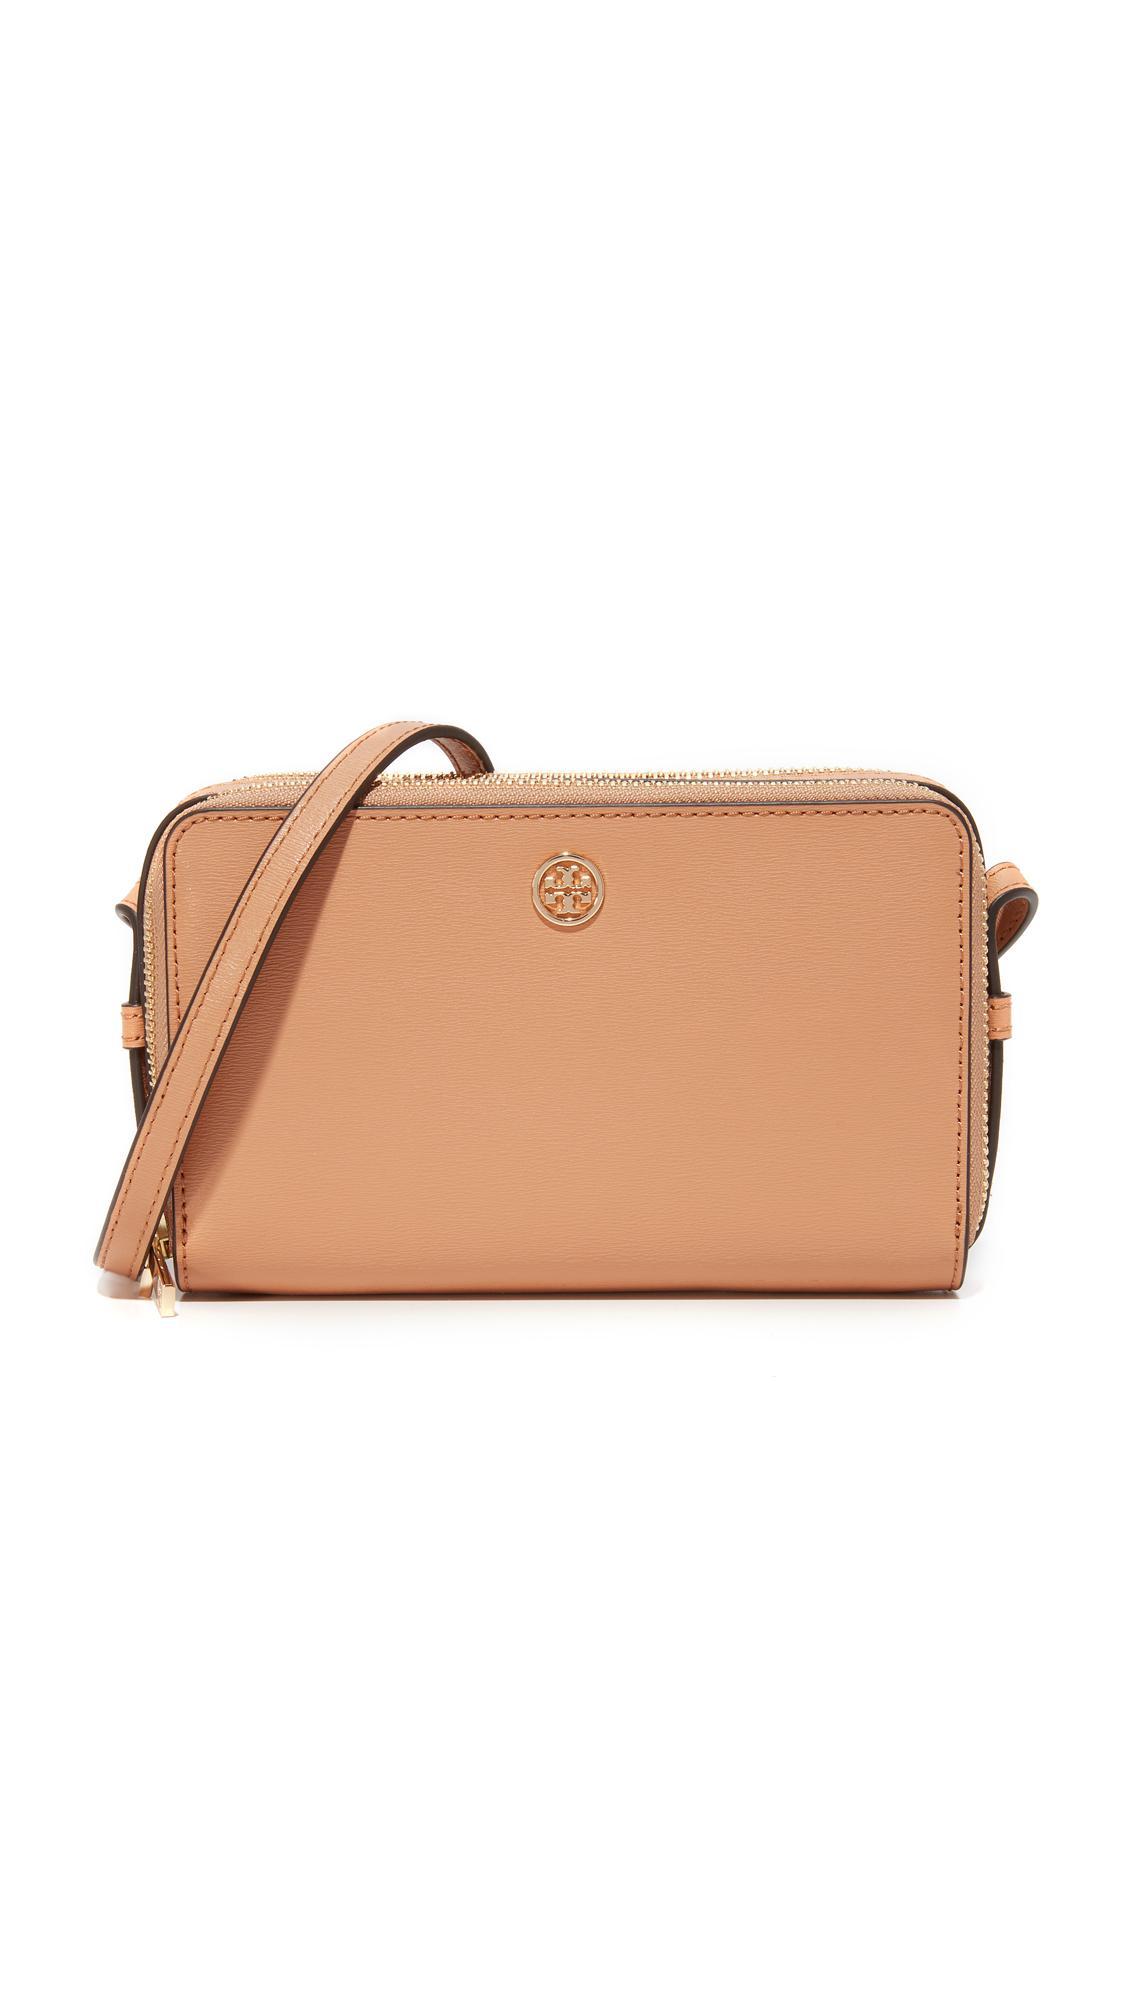 0dc814a1fc19 Lyst - Tory Burch Parker Double Zip Mini Bag